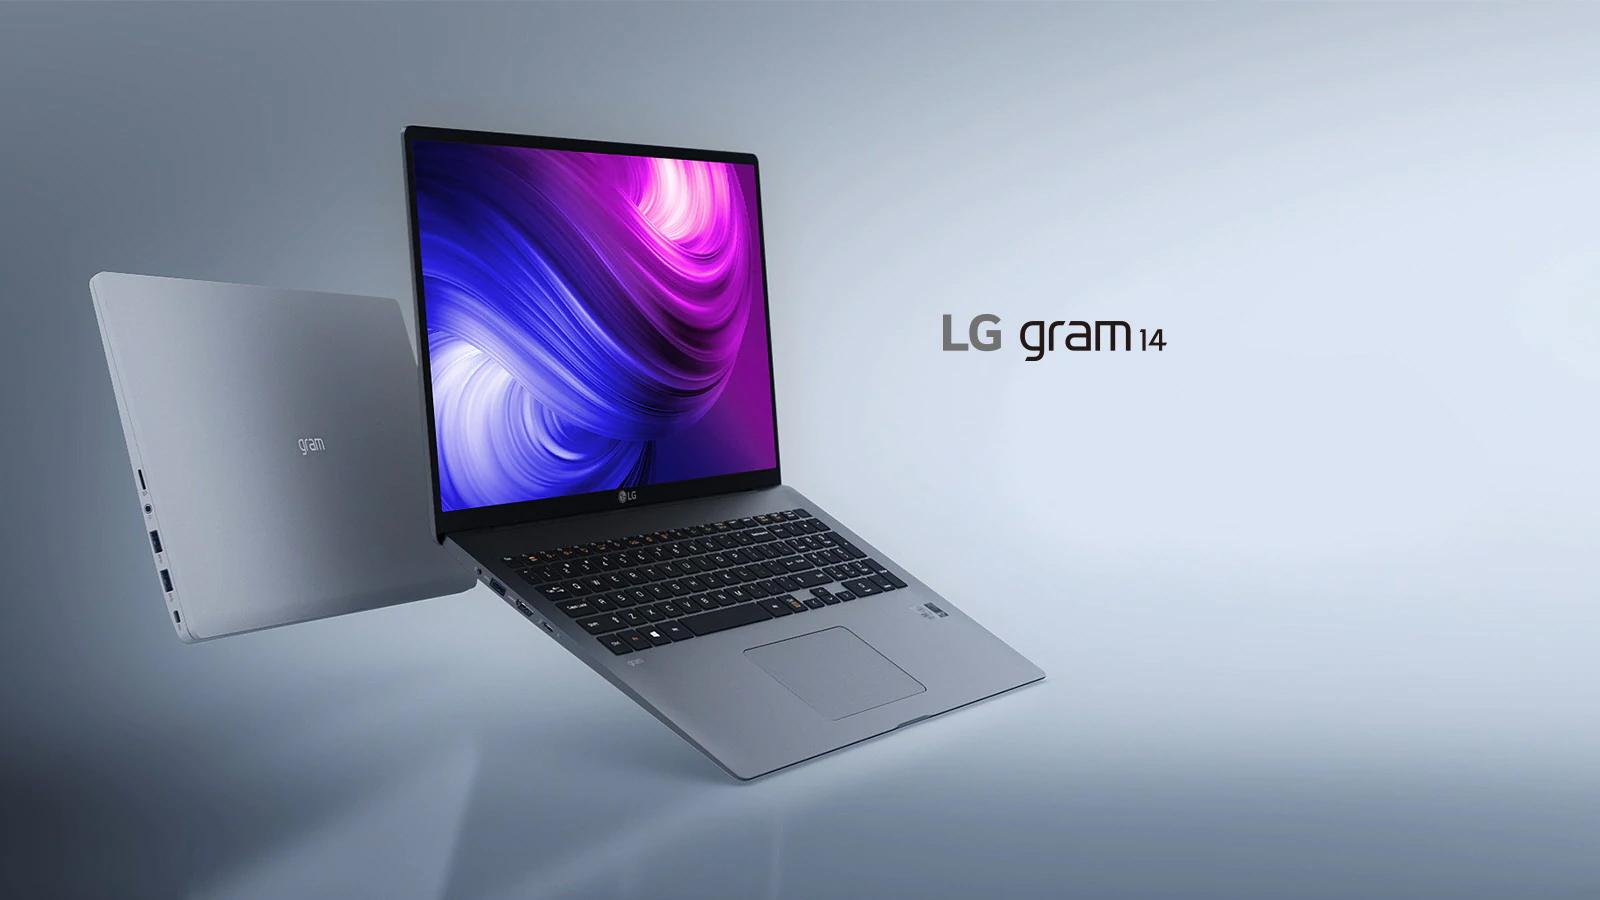 LG Gram 14 (2020)